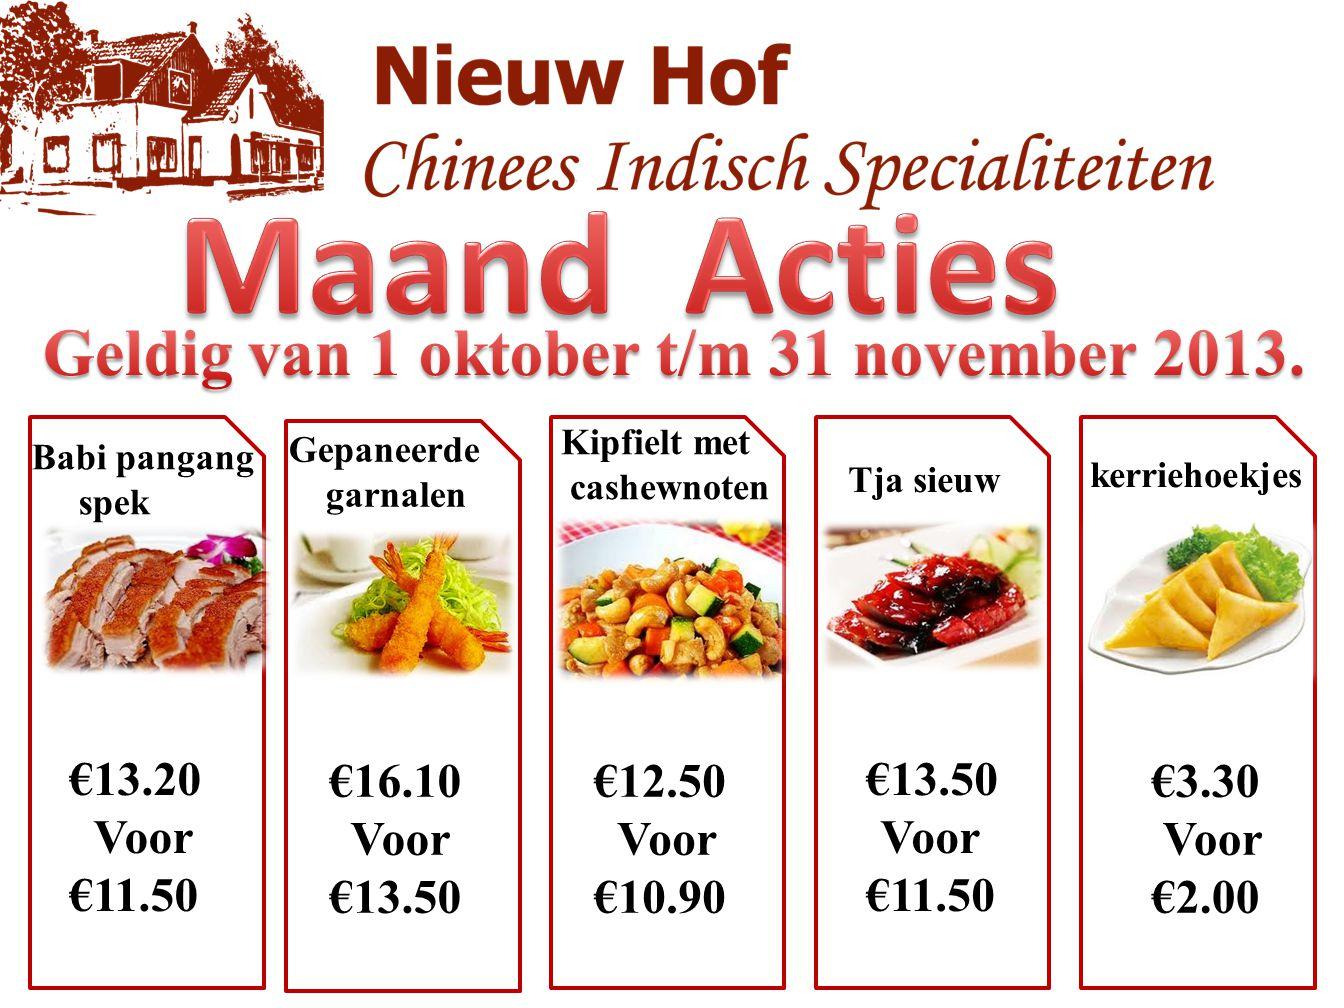 Maand Acties Geldig van 1 oktober t/m 31 november 2013. €13.20 €11.50